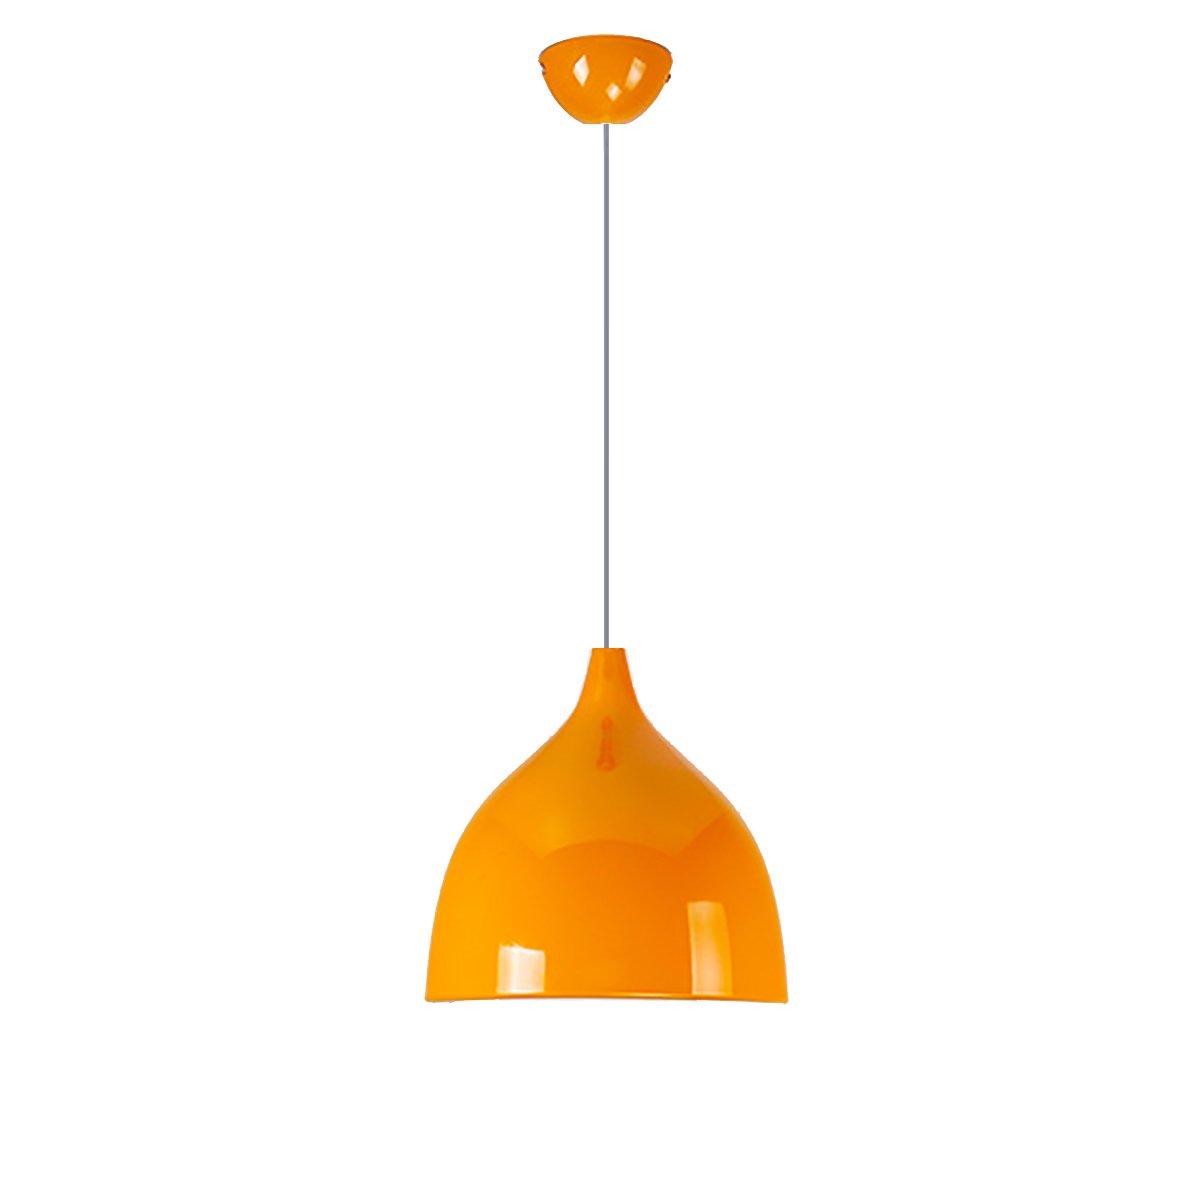 GLJXG Deckenleuchte 1 Lichter Eisen Industriellen Stil Kronleuchter Kreative Café Balkon Bar E27 Schnittstelle Lampen (Suspension Line Länge 100 cm, verstellbare Länge) Pendelleuchte